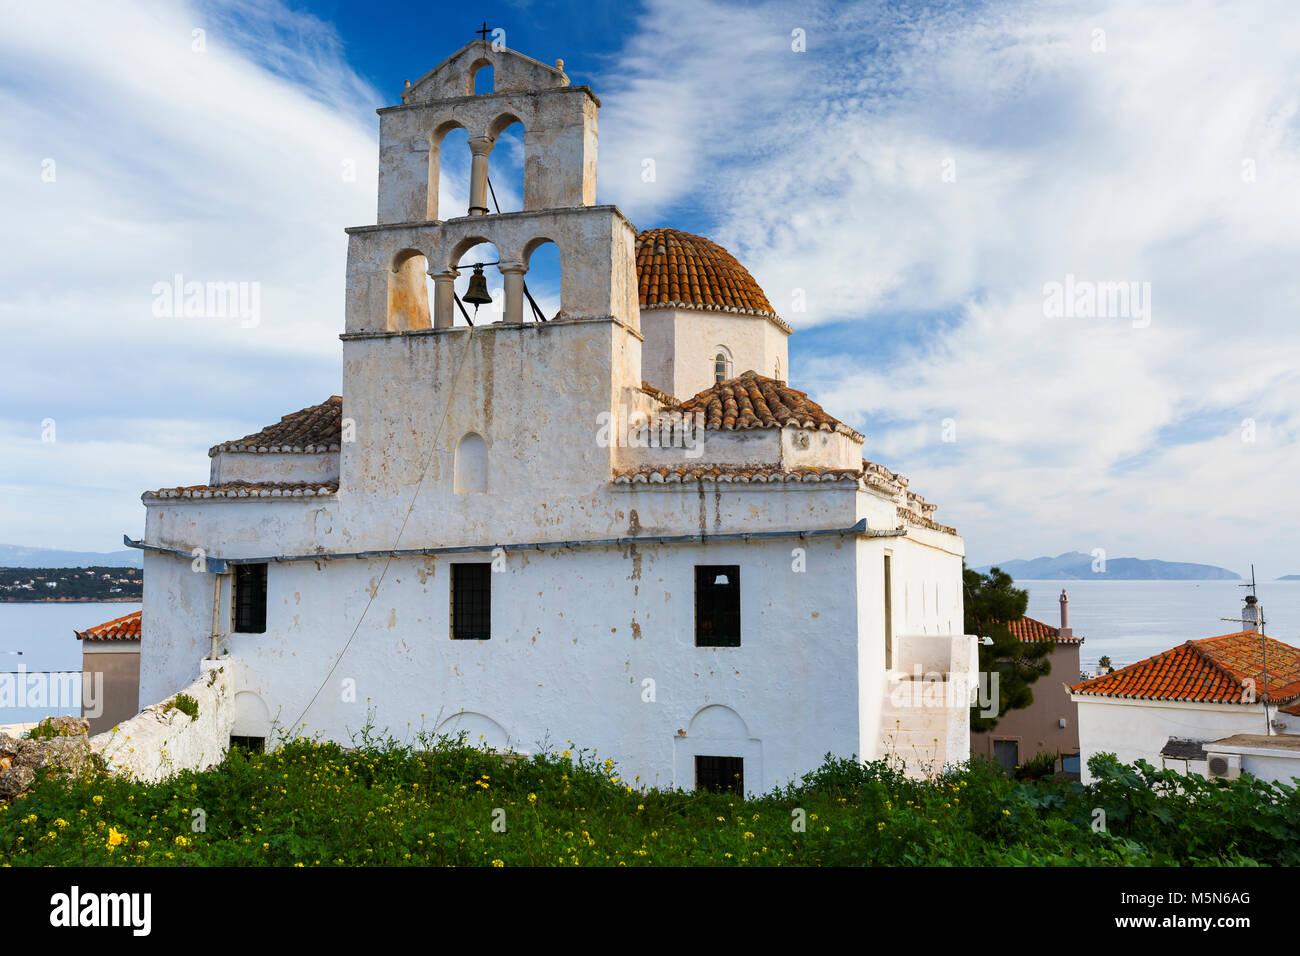 Eine der wichtigsten Kirchen in Spetses Village, Griechenland. Stockbild